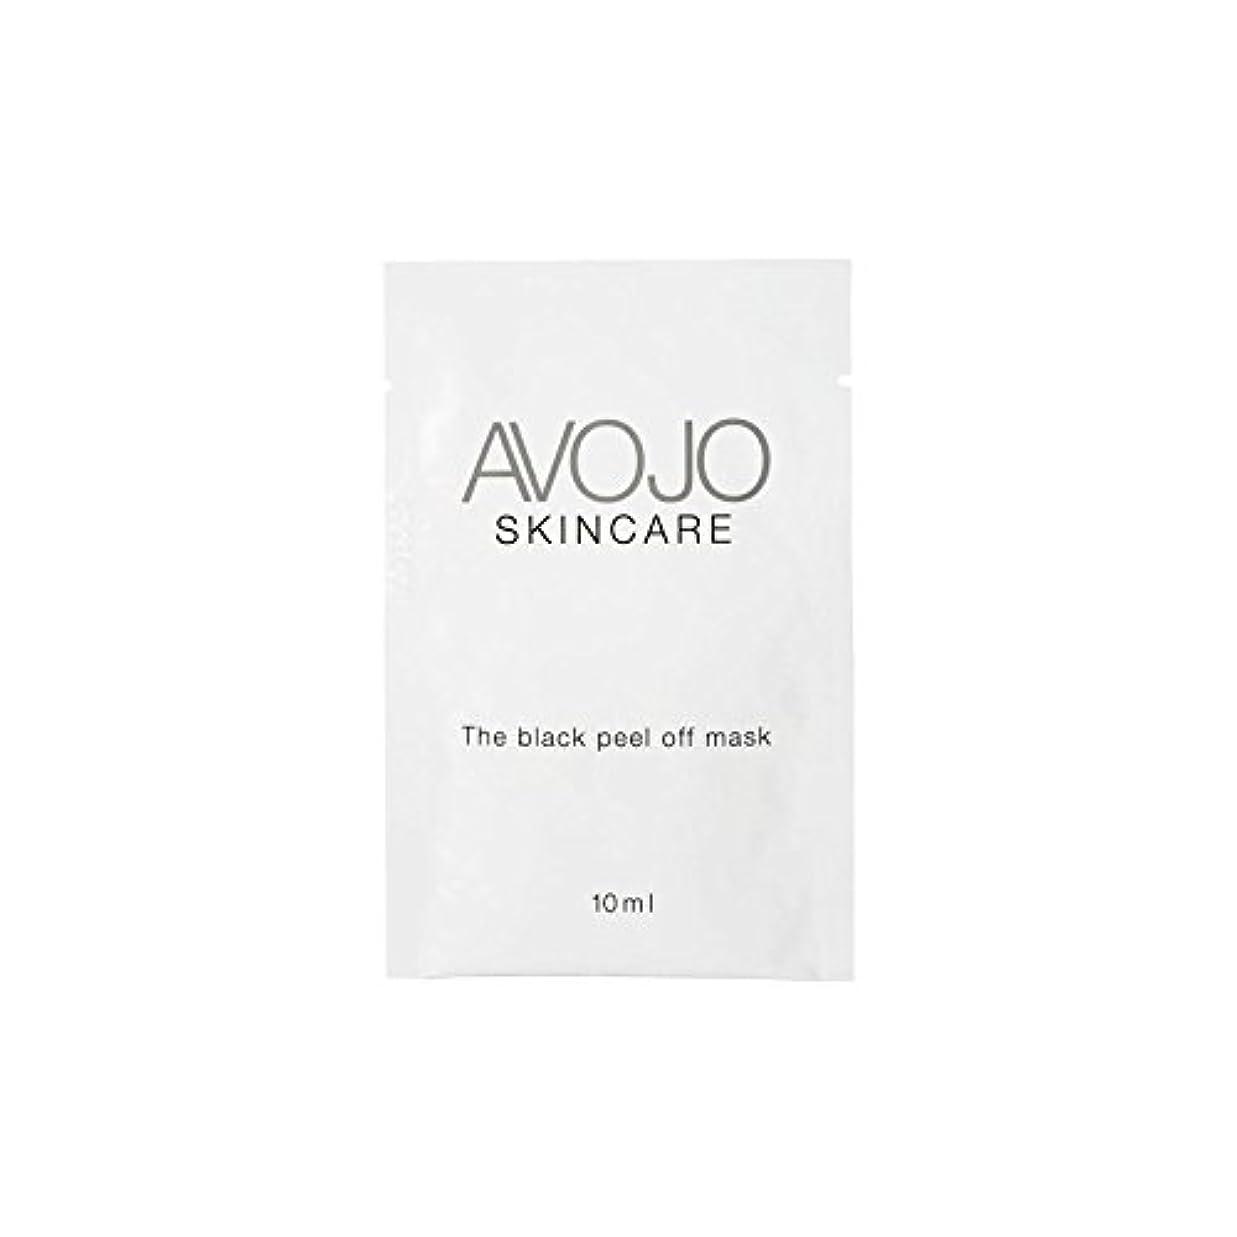 粘り強い無知みなす- ブラックピールオフマスク - 小袋(10ミリリットル×4) x4 - Avojo - The Black Peel Off Mask - Sachet (10ml X 4) (Pack of 4) [並行輸入品]